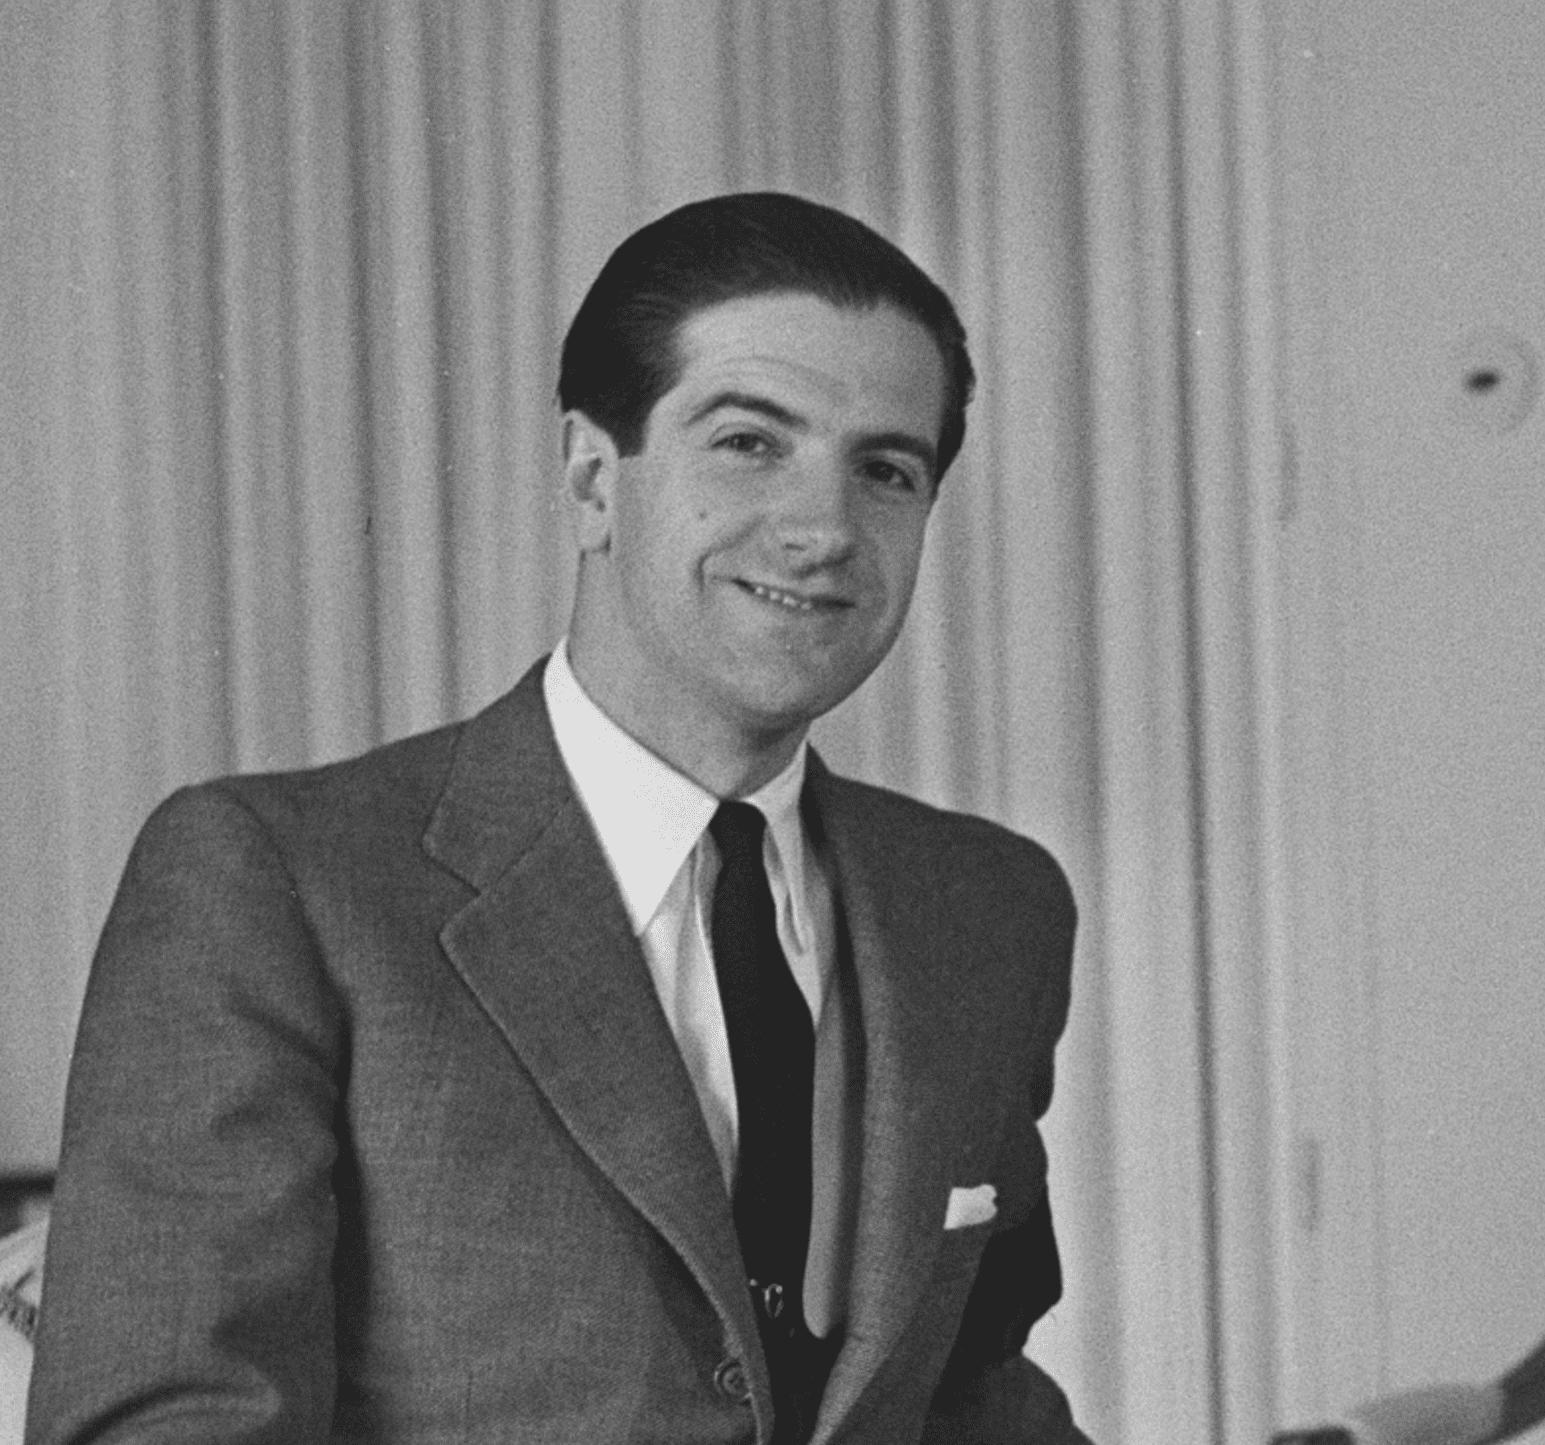 Luis Martínez de Irujo, primer esposo de la Duquesa de Alba || Fuente: Getty Images